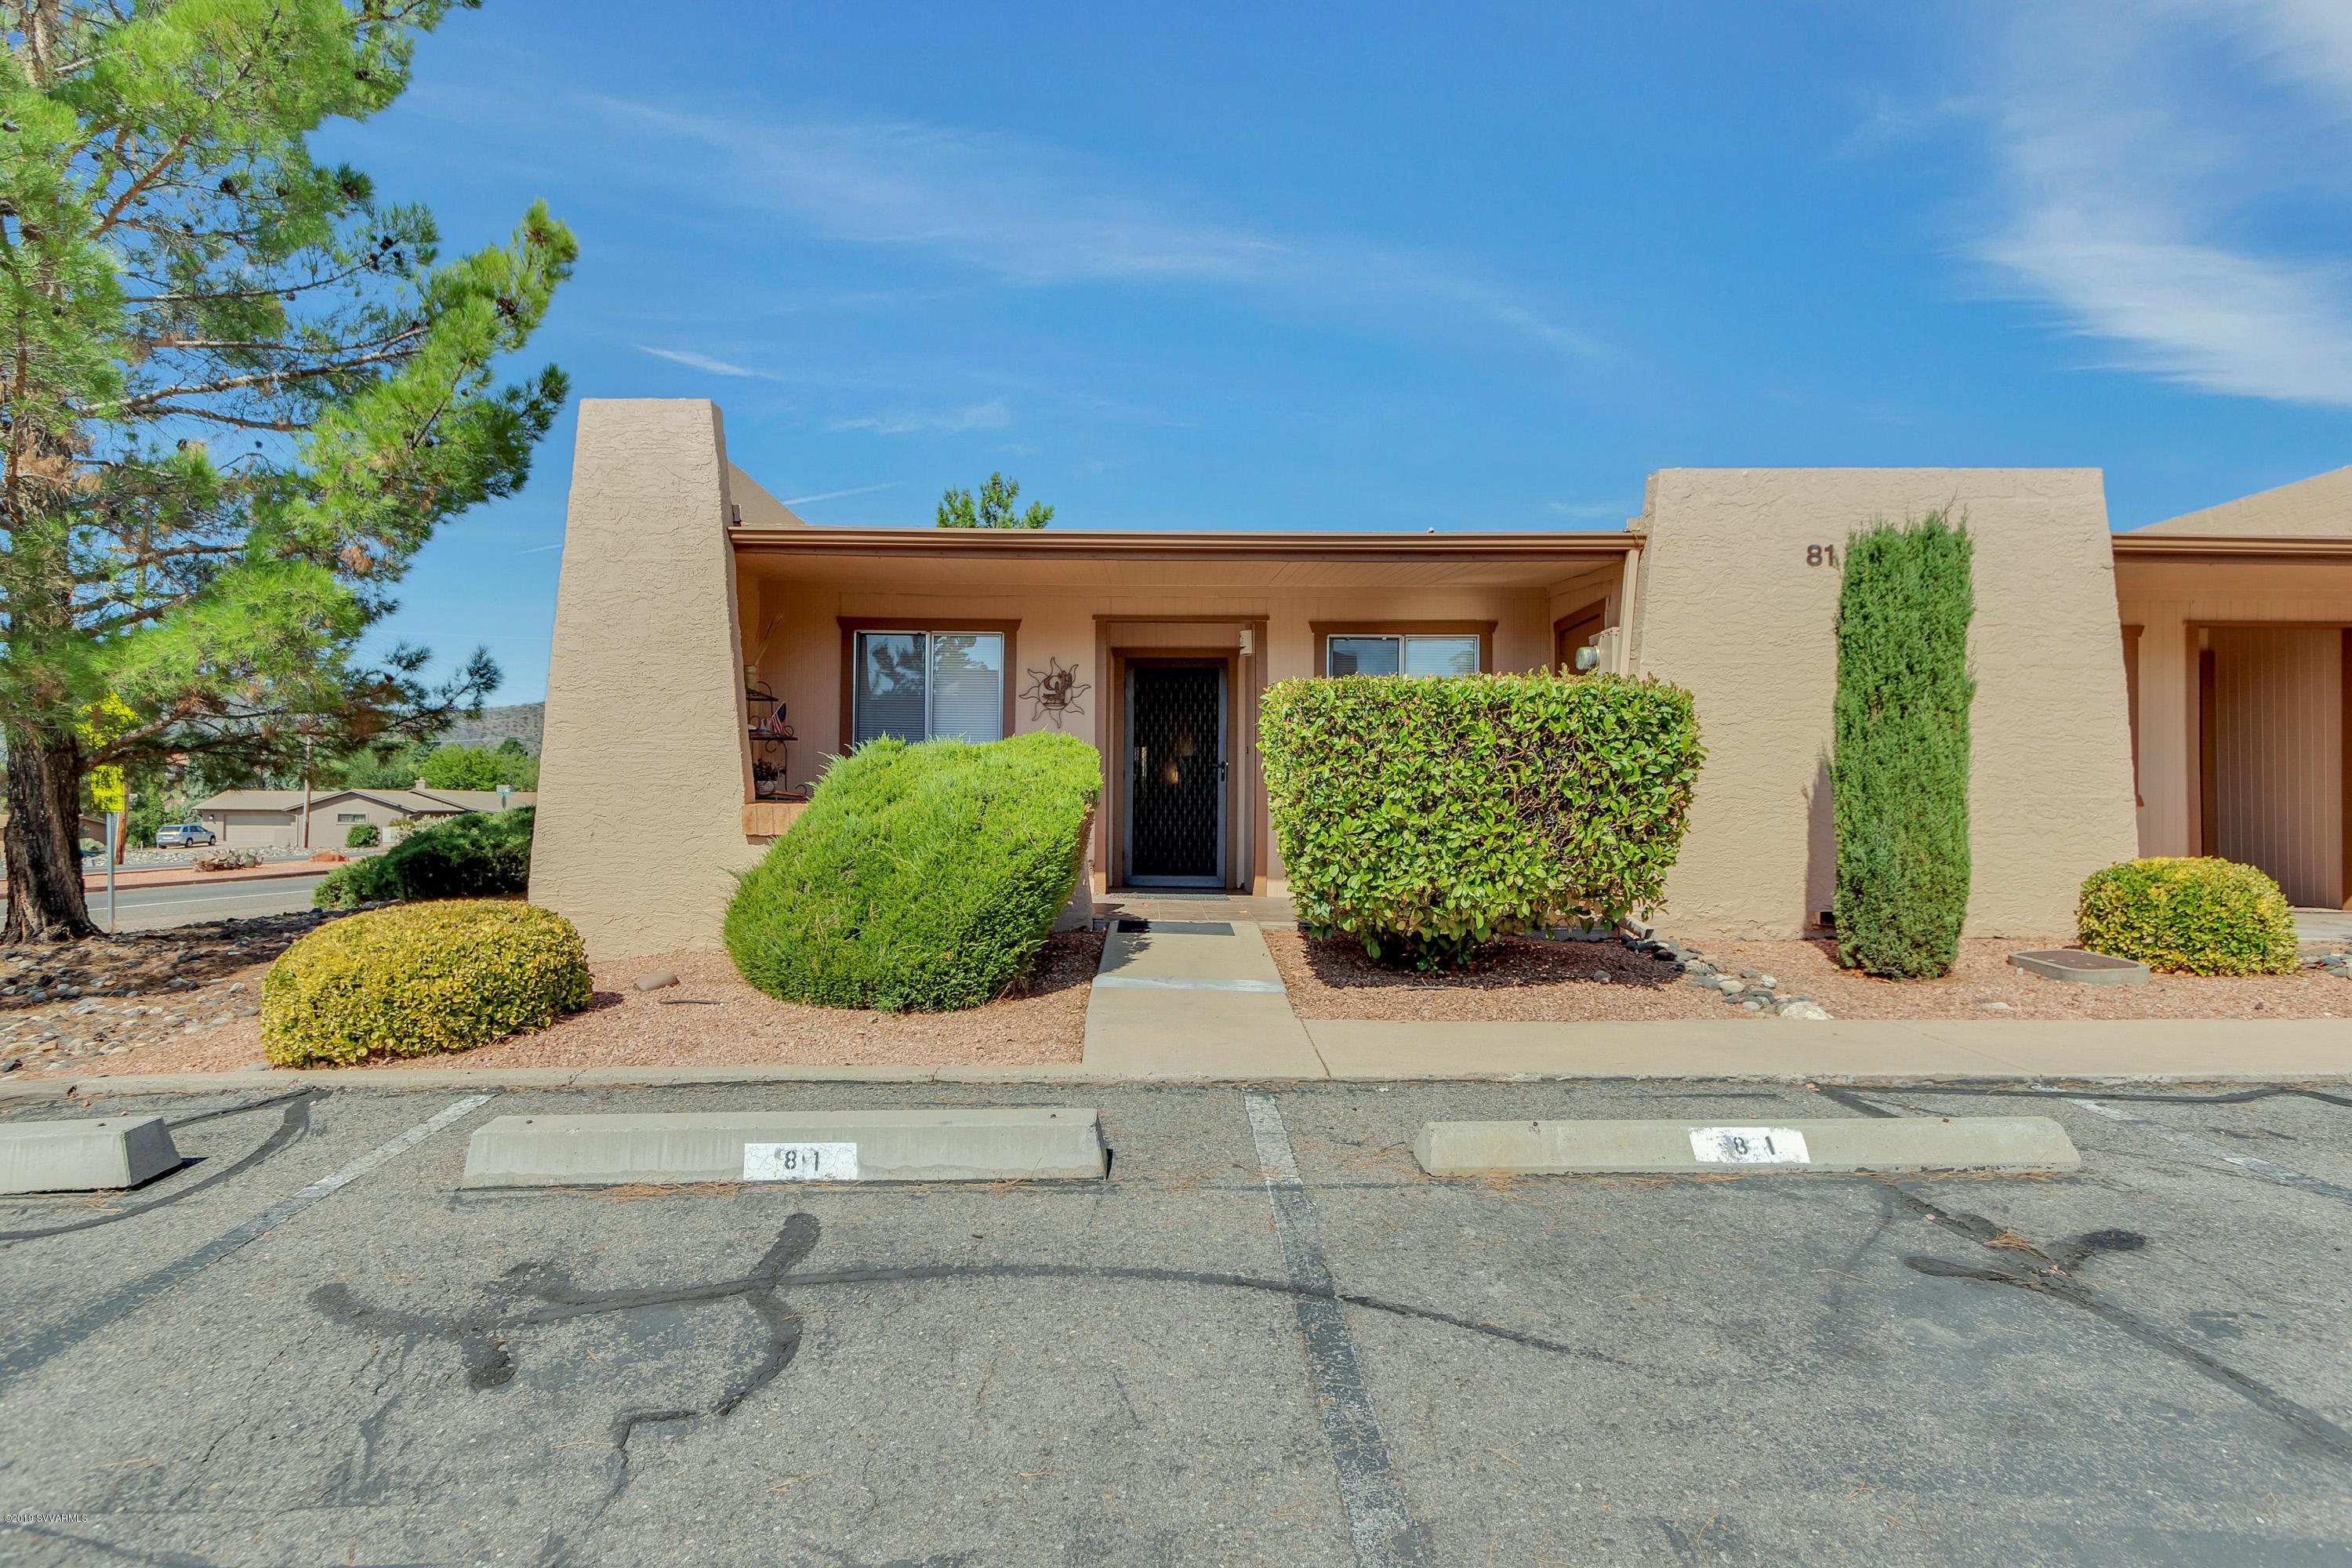 130 Castle Rock Rd UNIT 81 Sedona, AZ 86351